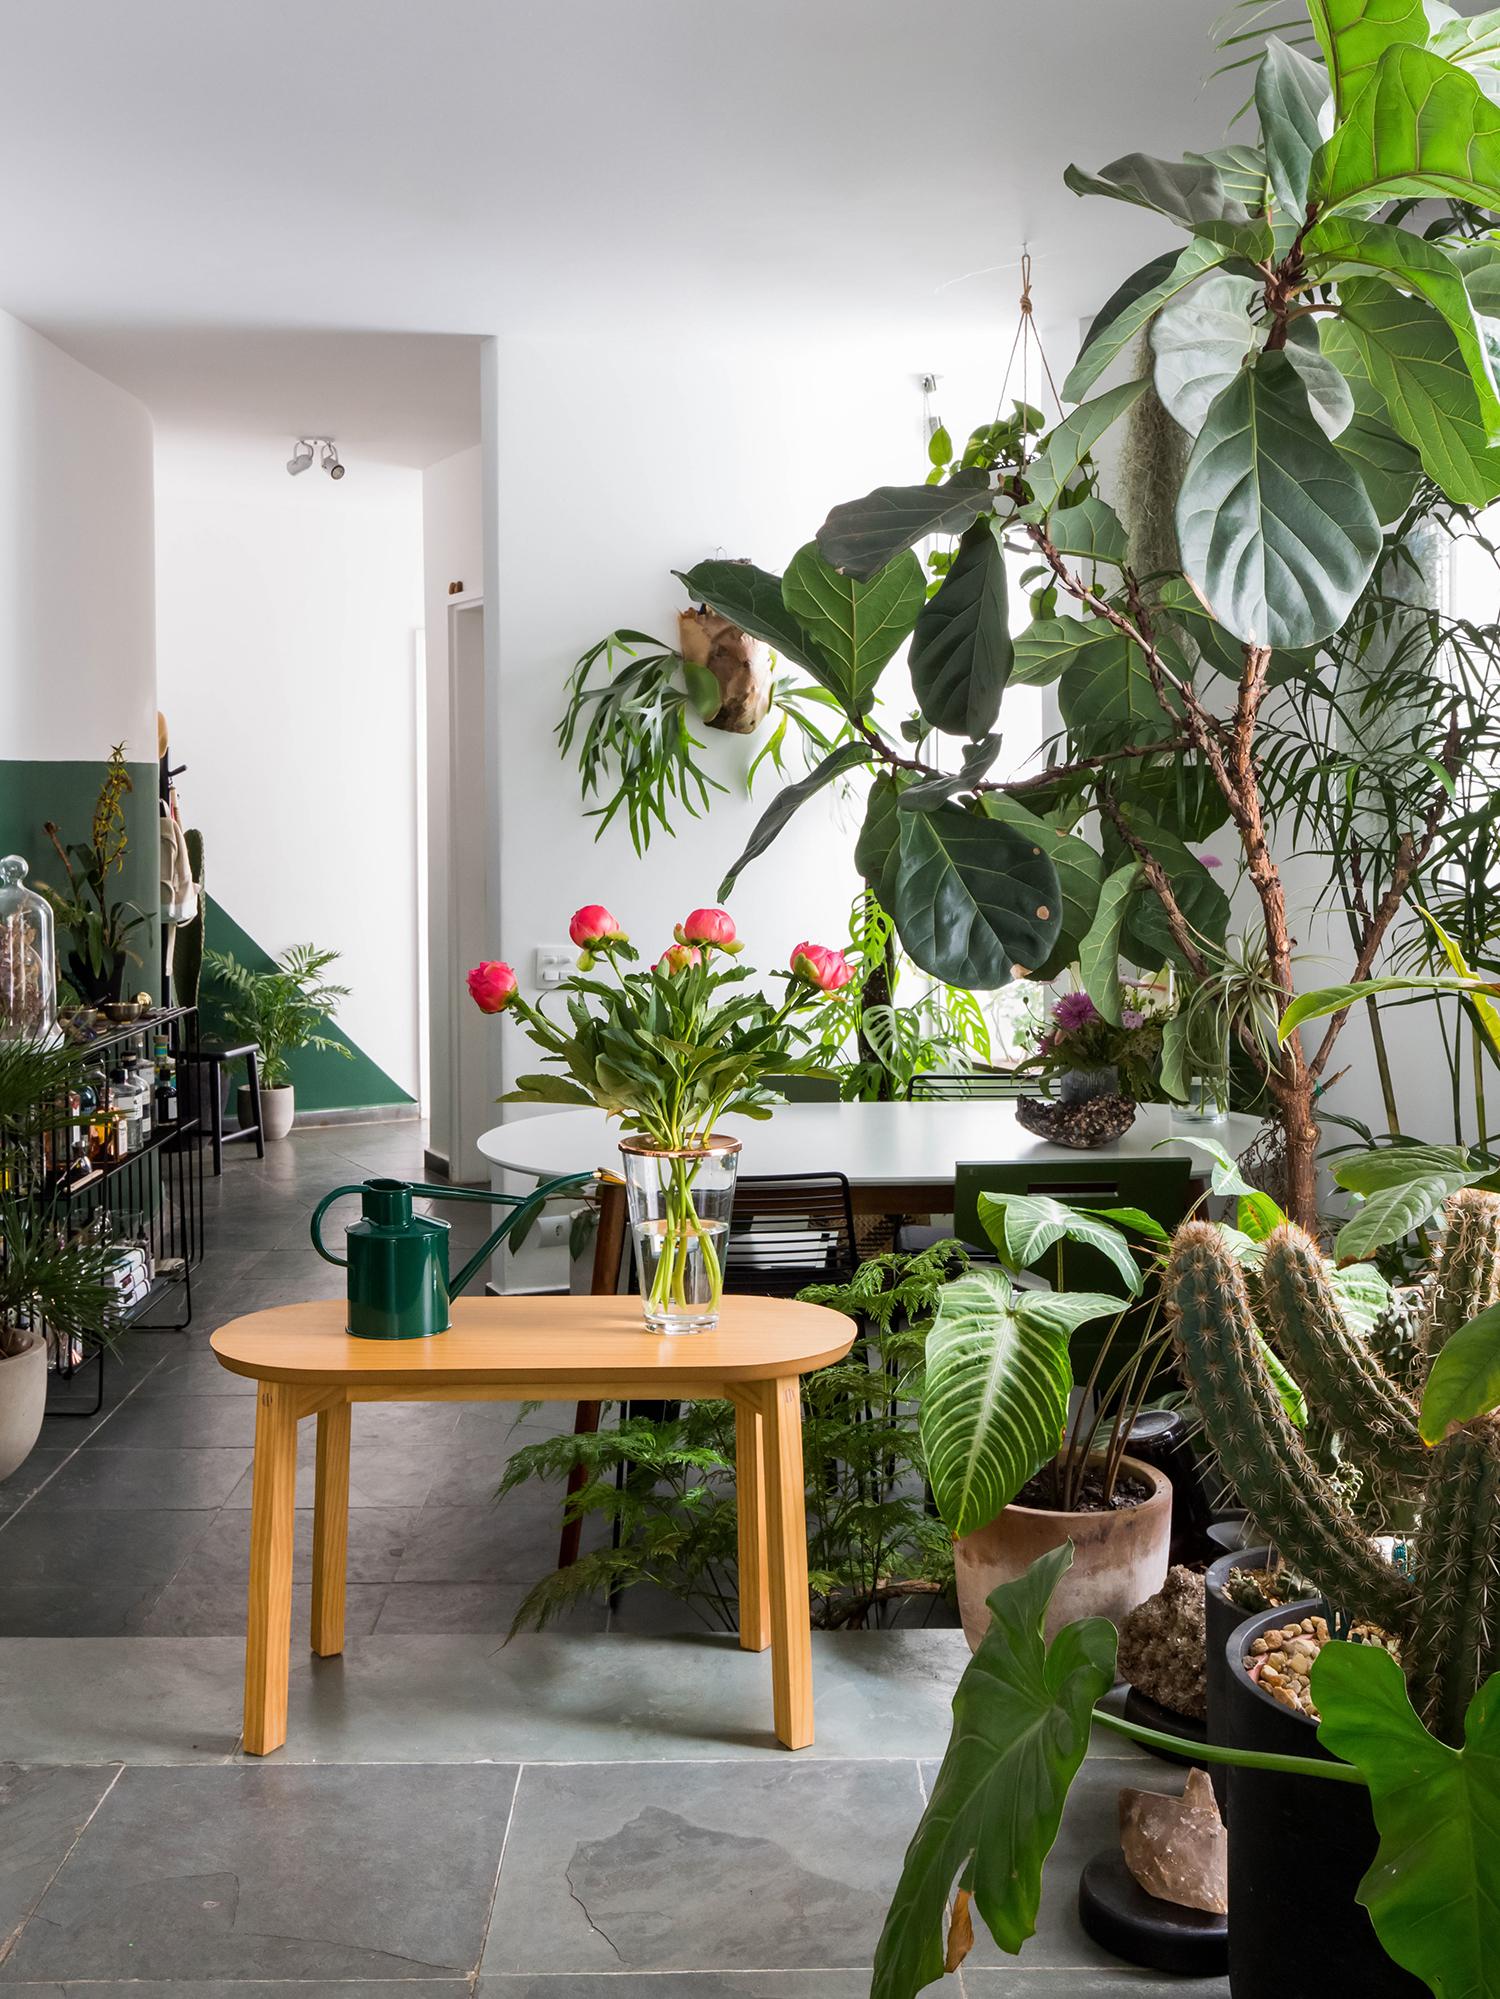 Plantas em casa, urban jungle